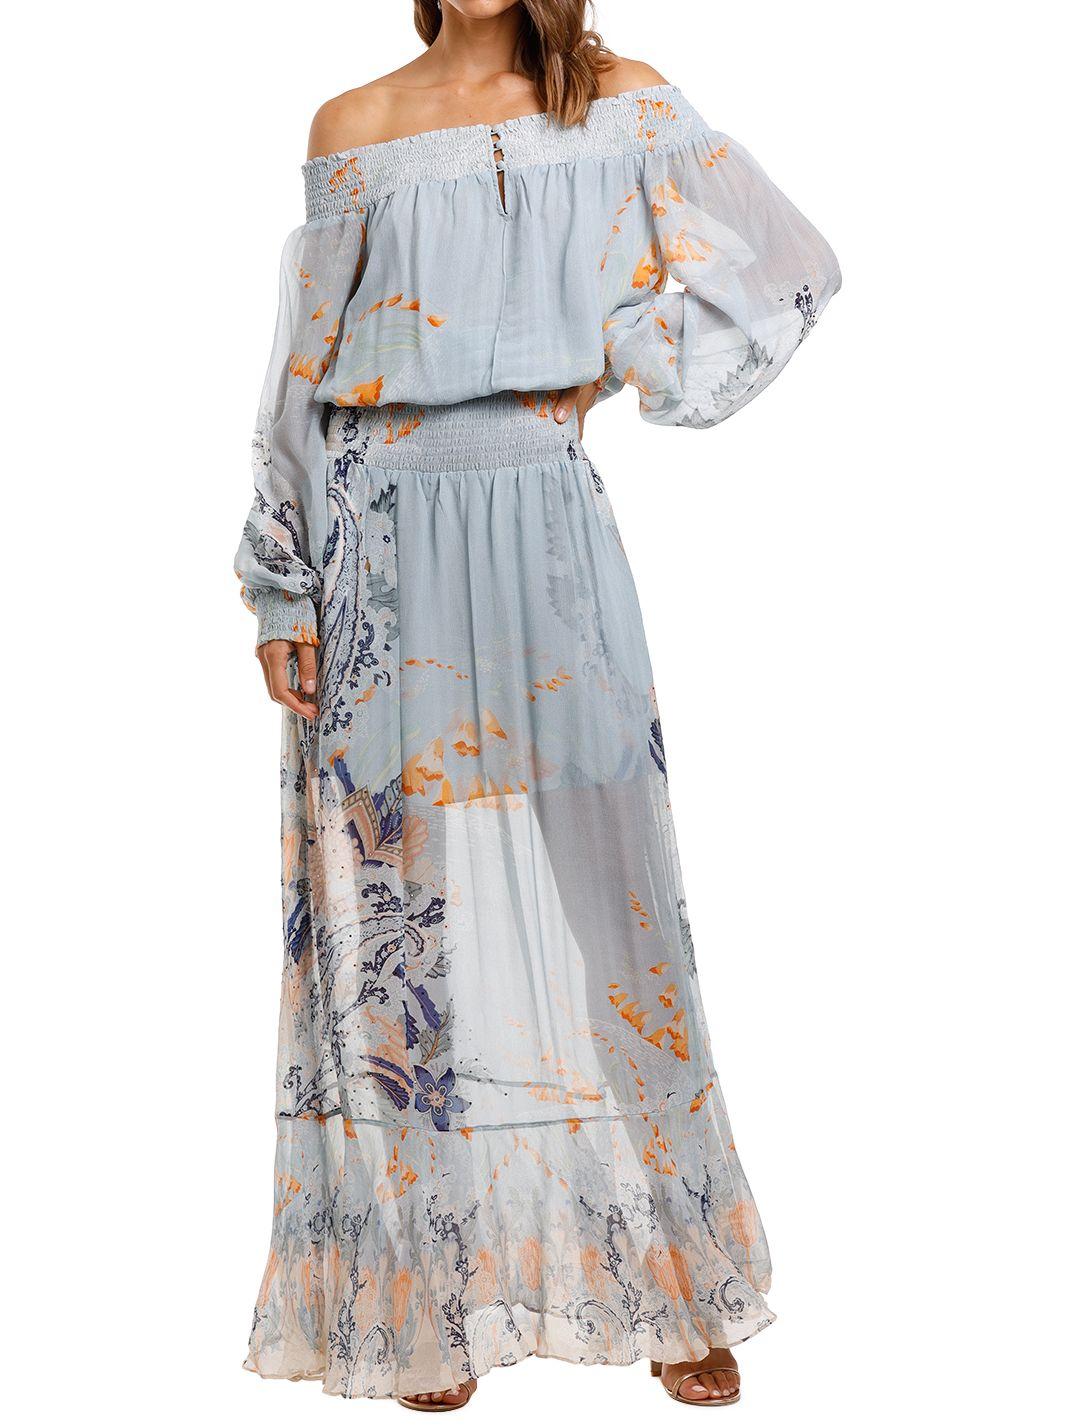 Camilla Off Shoulder Shirred Dress